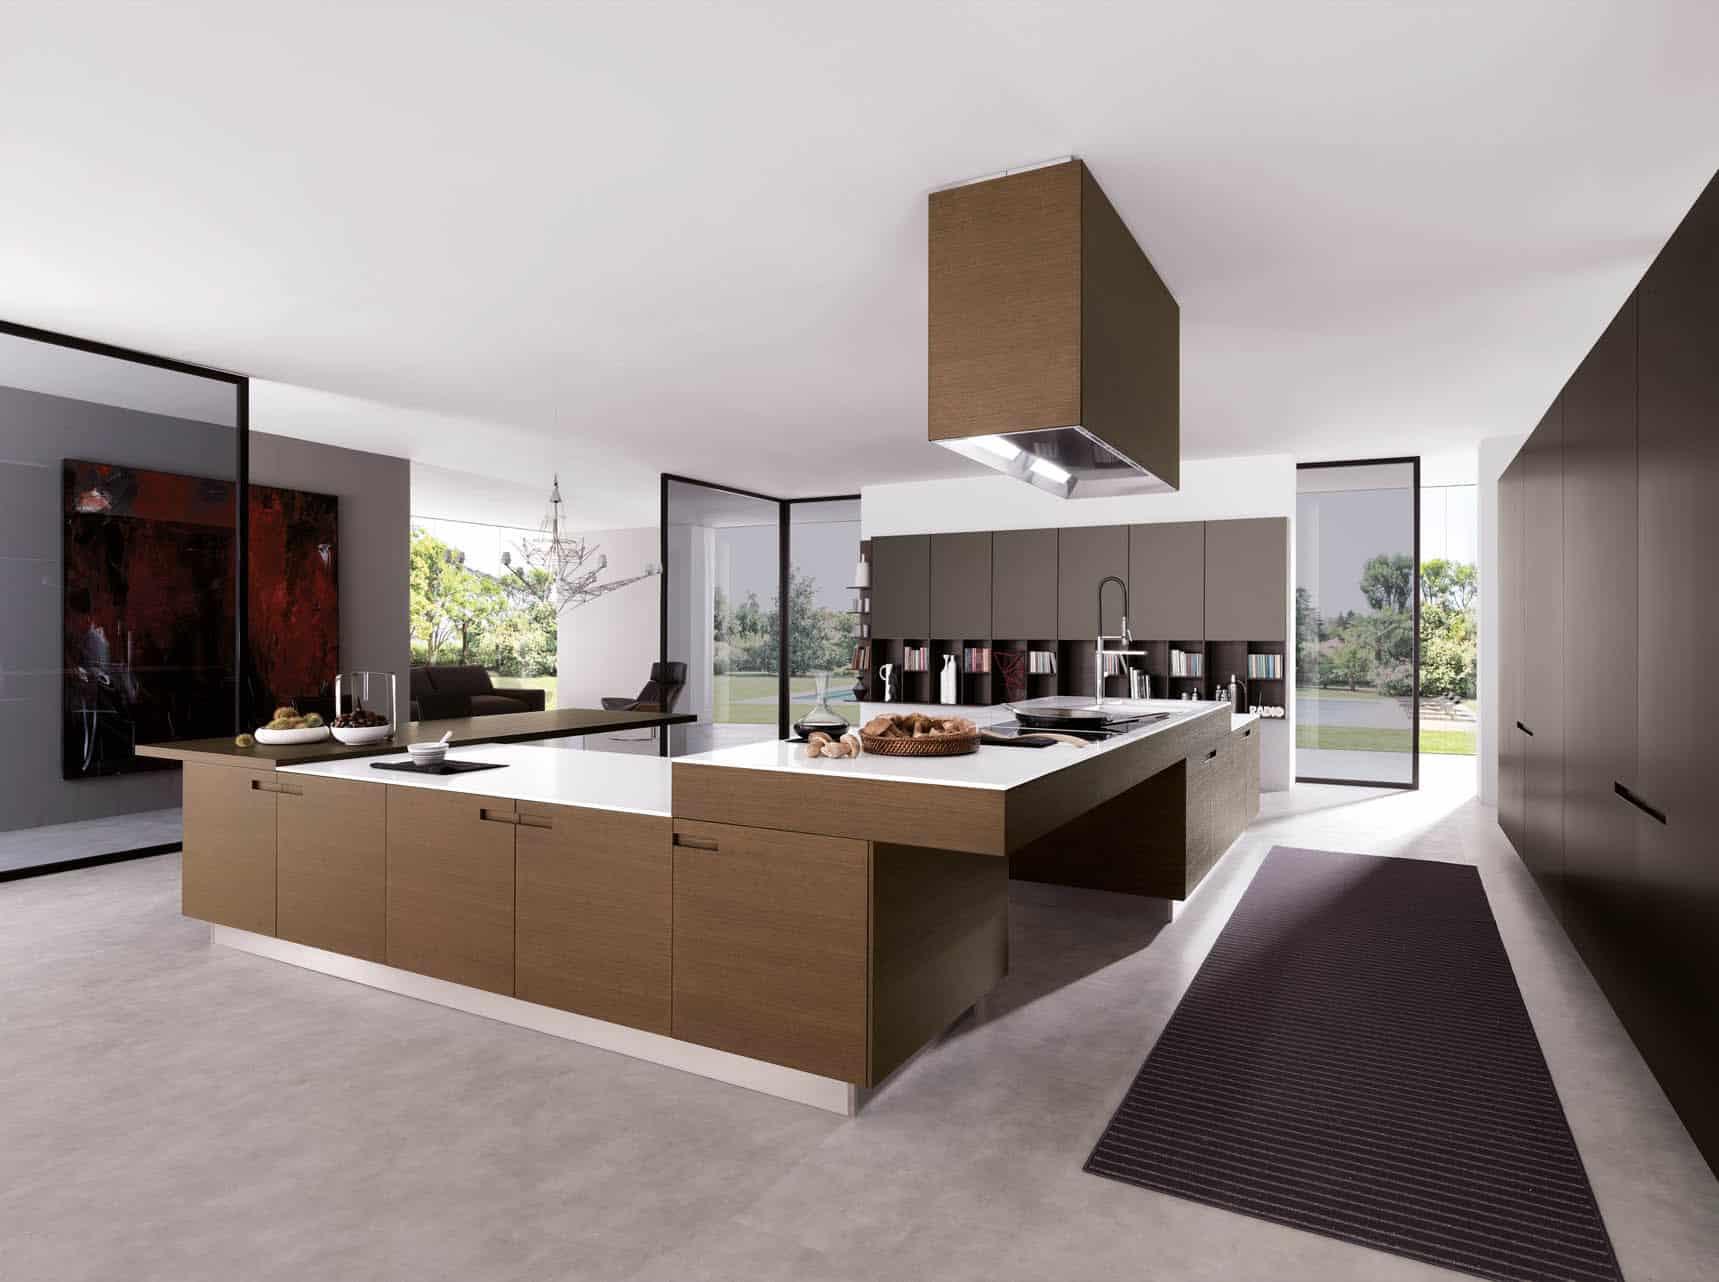 Desain Dapur Dari Beton Bentuk L Cek Bahan Bangunan